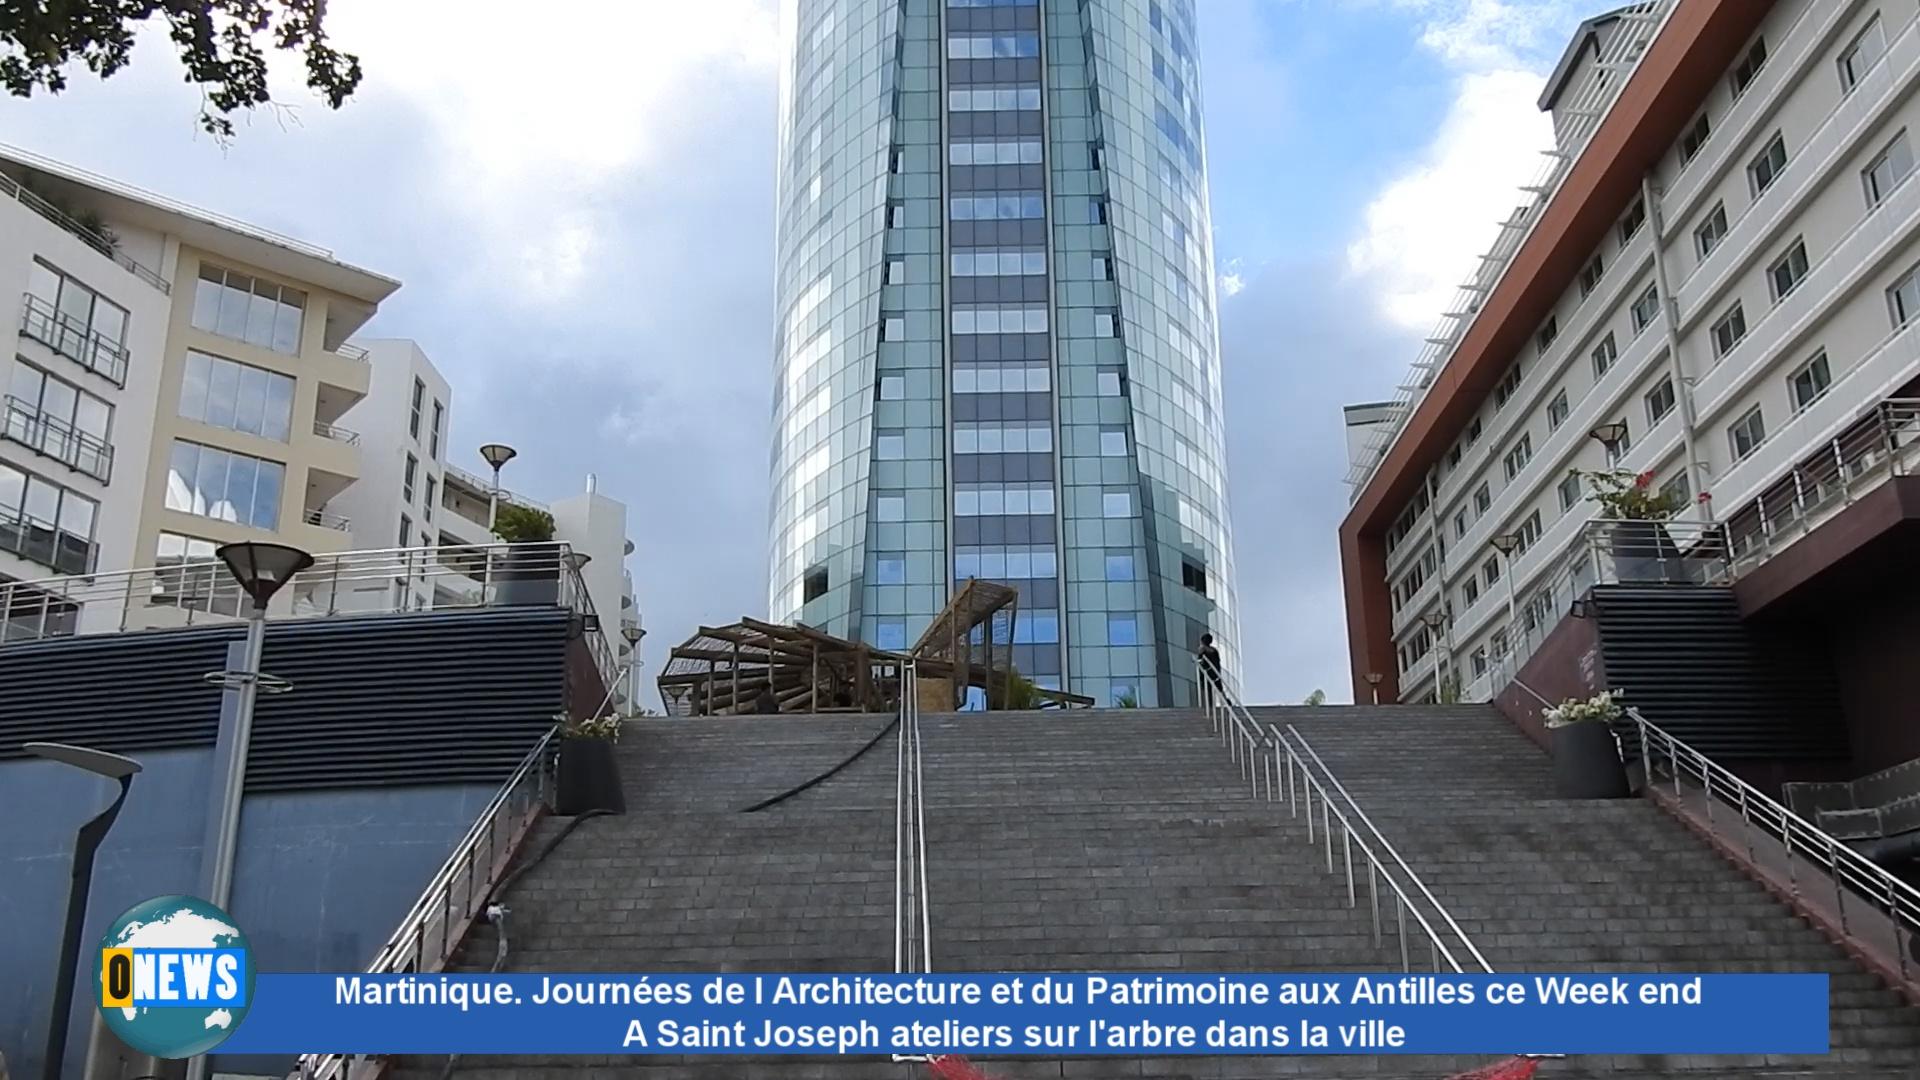 [Vidéo] Martinique. Journées de l' Architecture et du Patrimoine aux Antilles ce Week end. A Saint Joseph ateliers sur l'arbre dans la ville